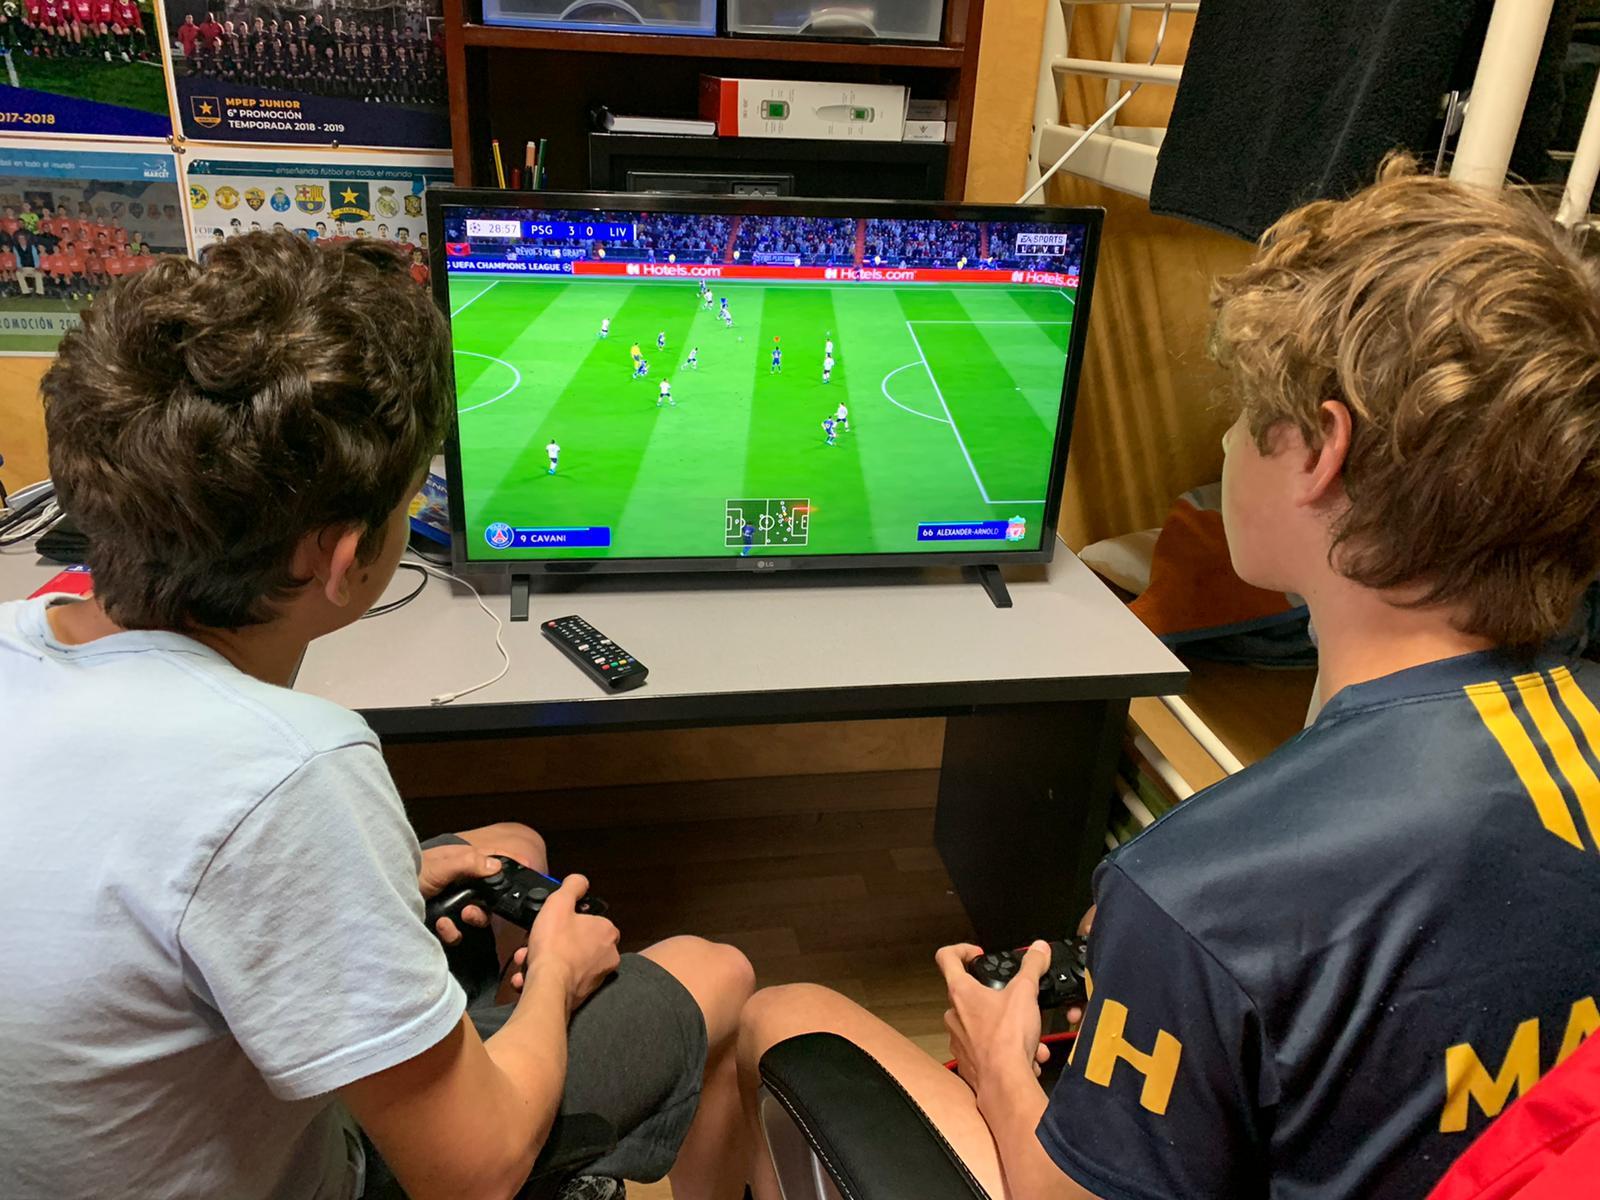 Dos alumnos juegan con una consola.